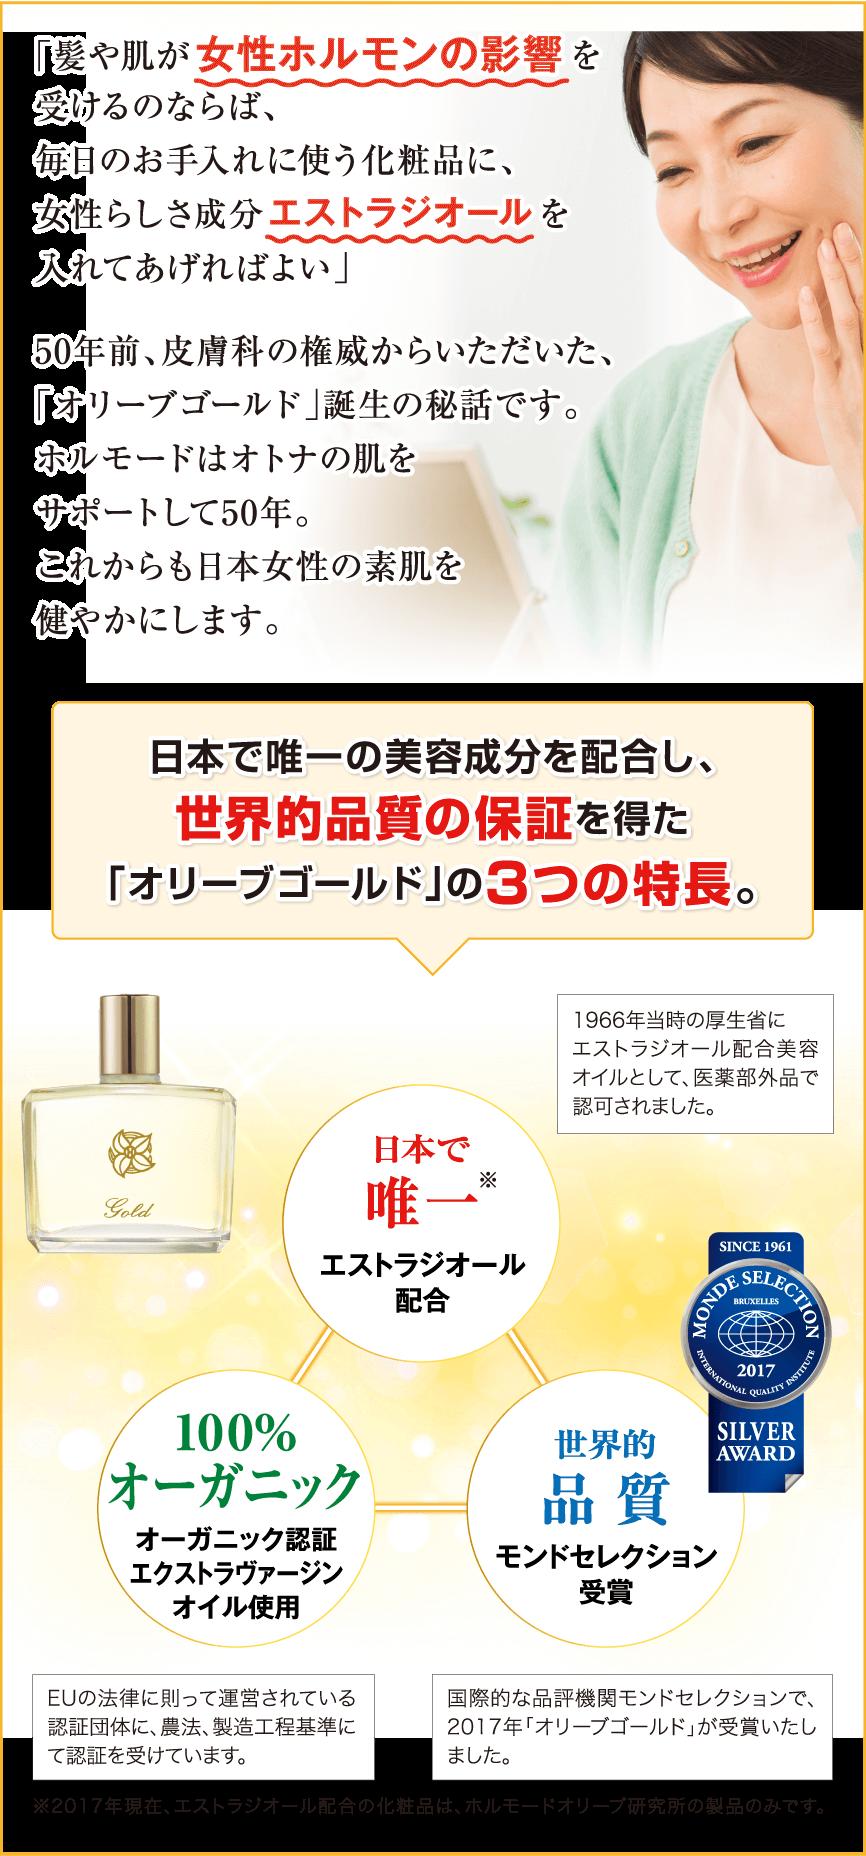 日本で唯一のエストラジオール配合医薬部外品美容オイル